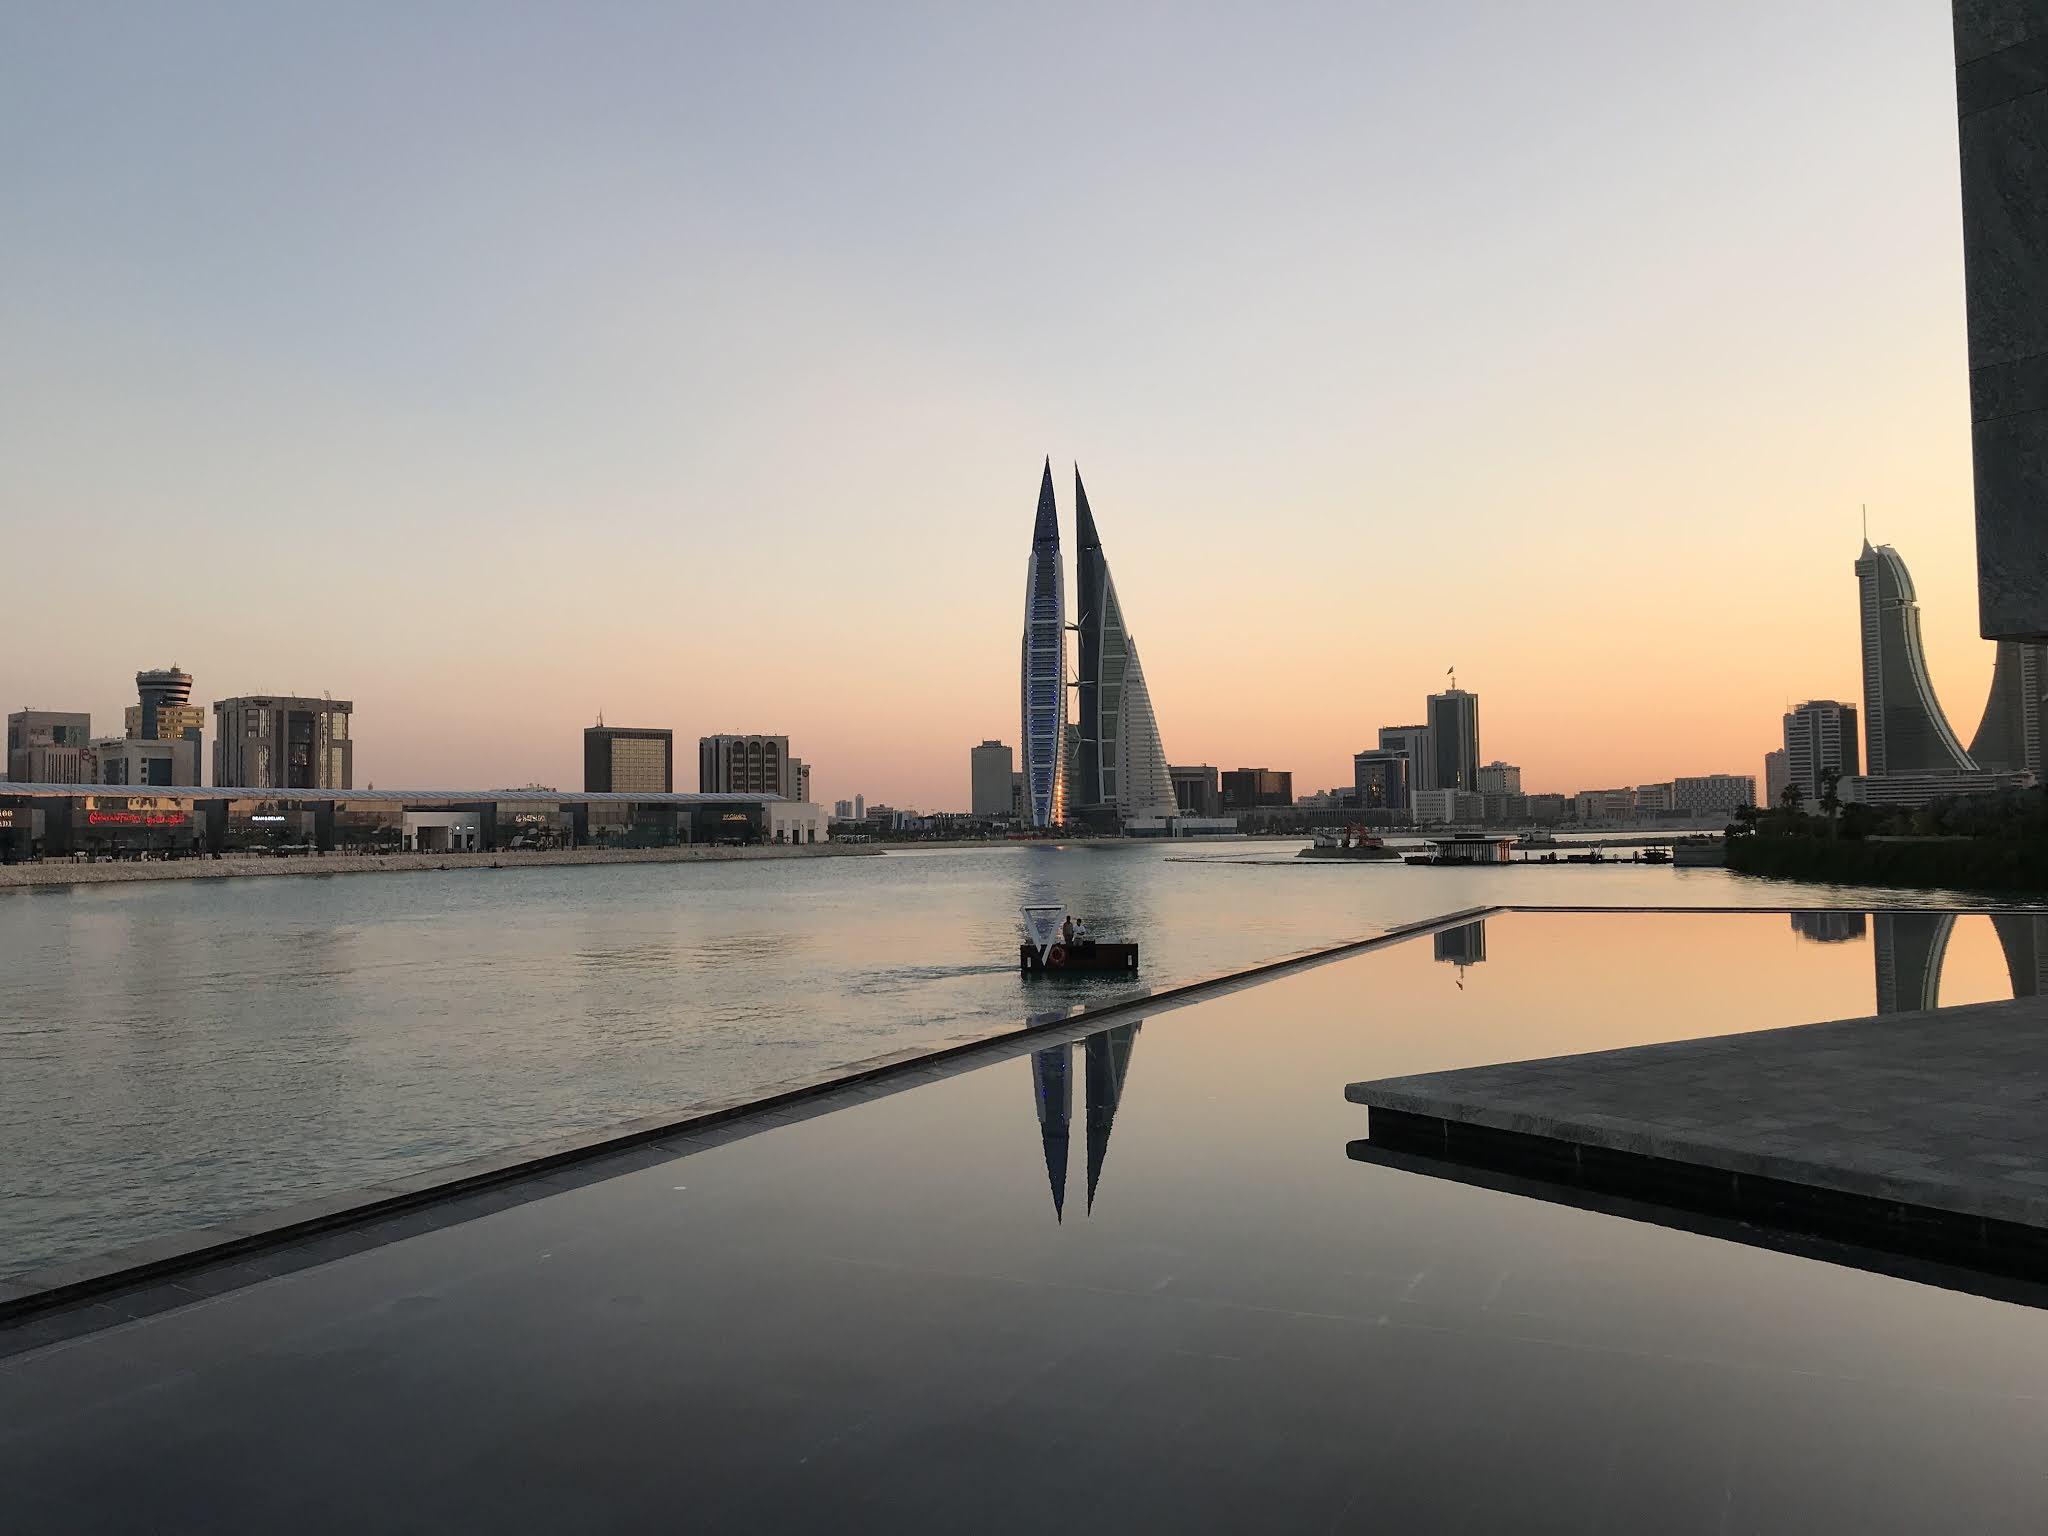 البحرين ترسي مناقصات بقيمة 1.6 مليار دولار أميركي